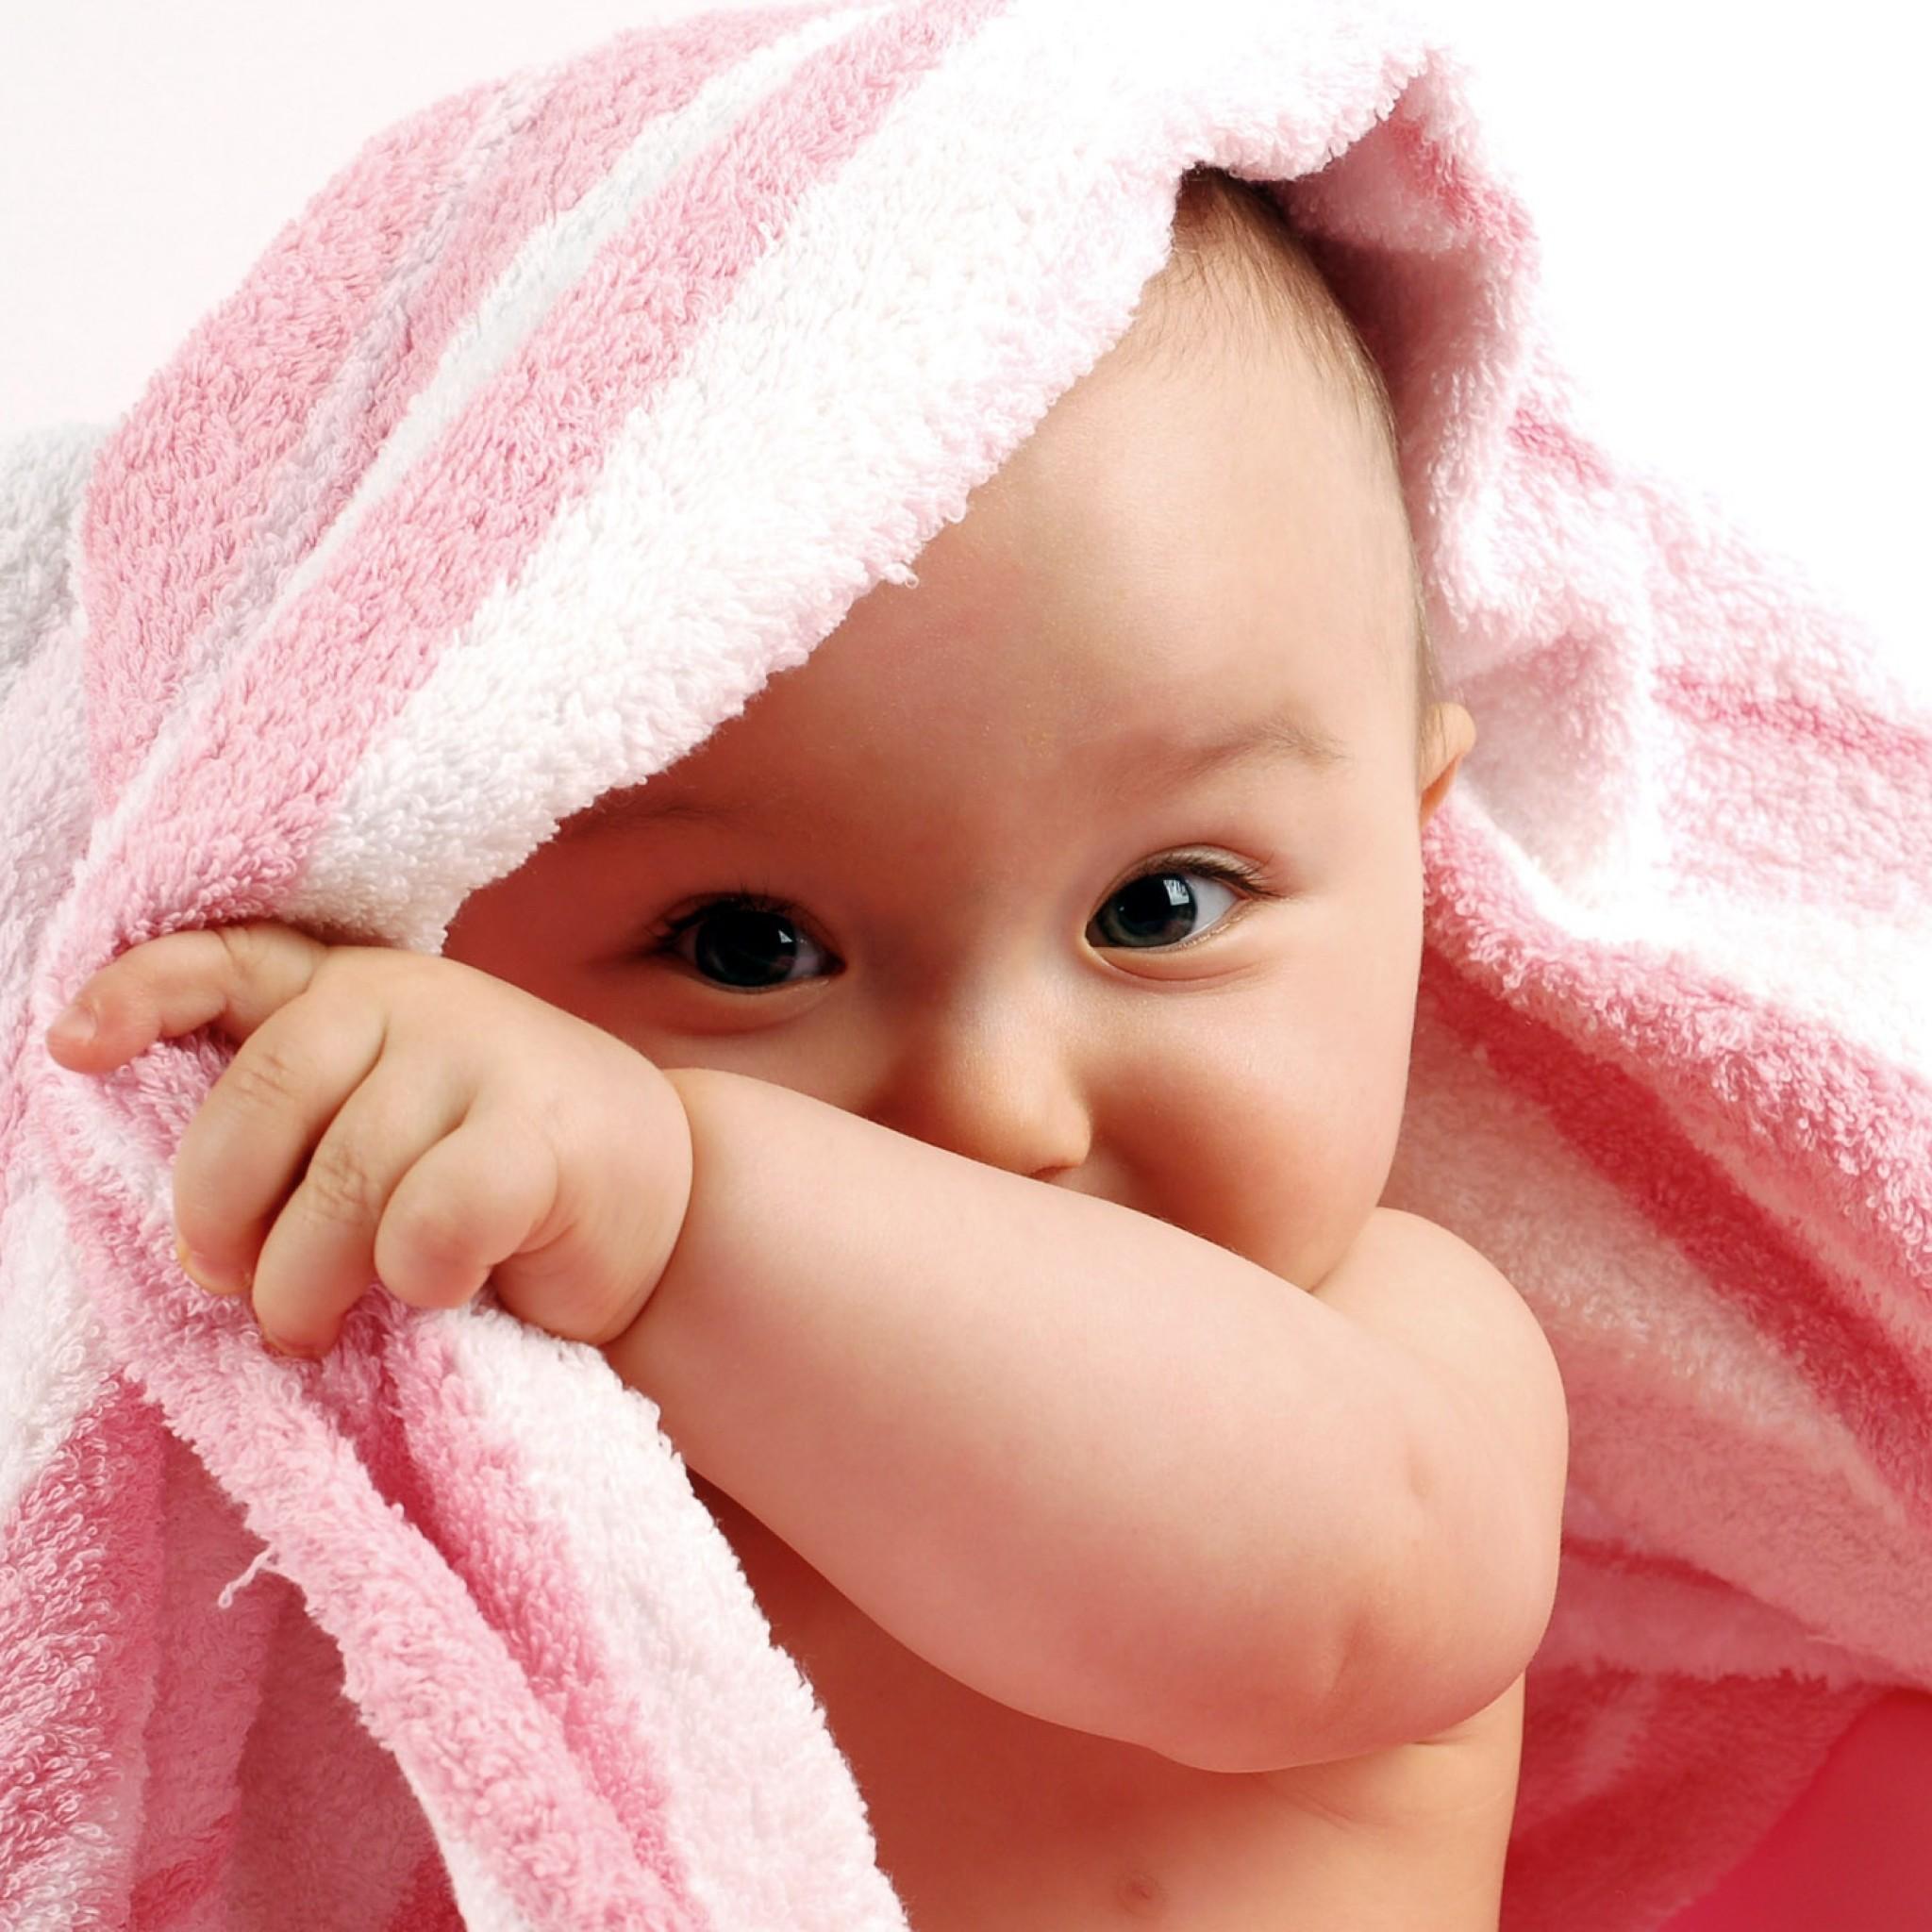 Aprenda a dar um banho em seu bebê